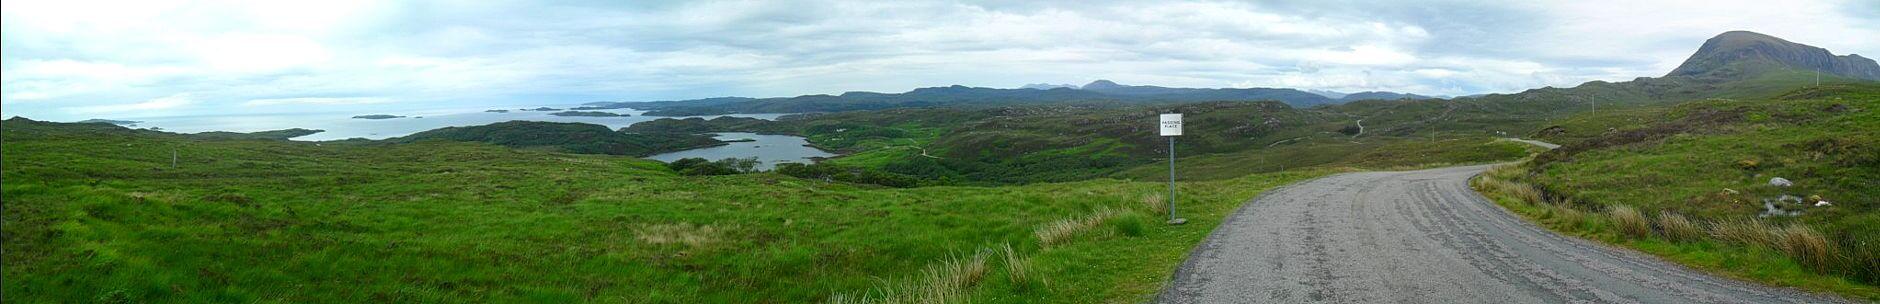 Blick zurück. Der Berg in der Bildmitte am Horizont ist der Ben Stack, an dem ich heute morgen vorbeigefahren bin, links dahinter der Foinaven